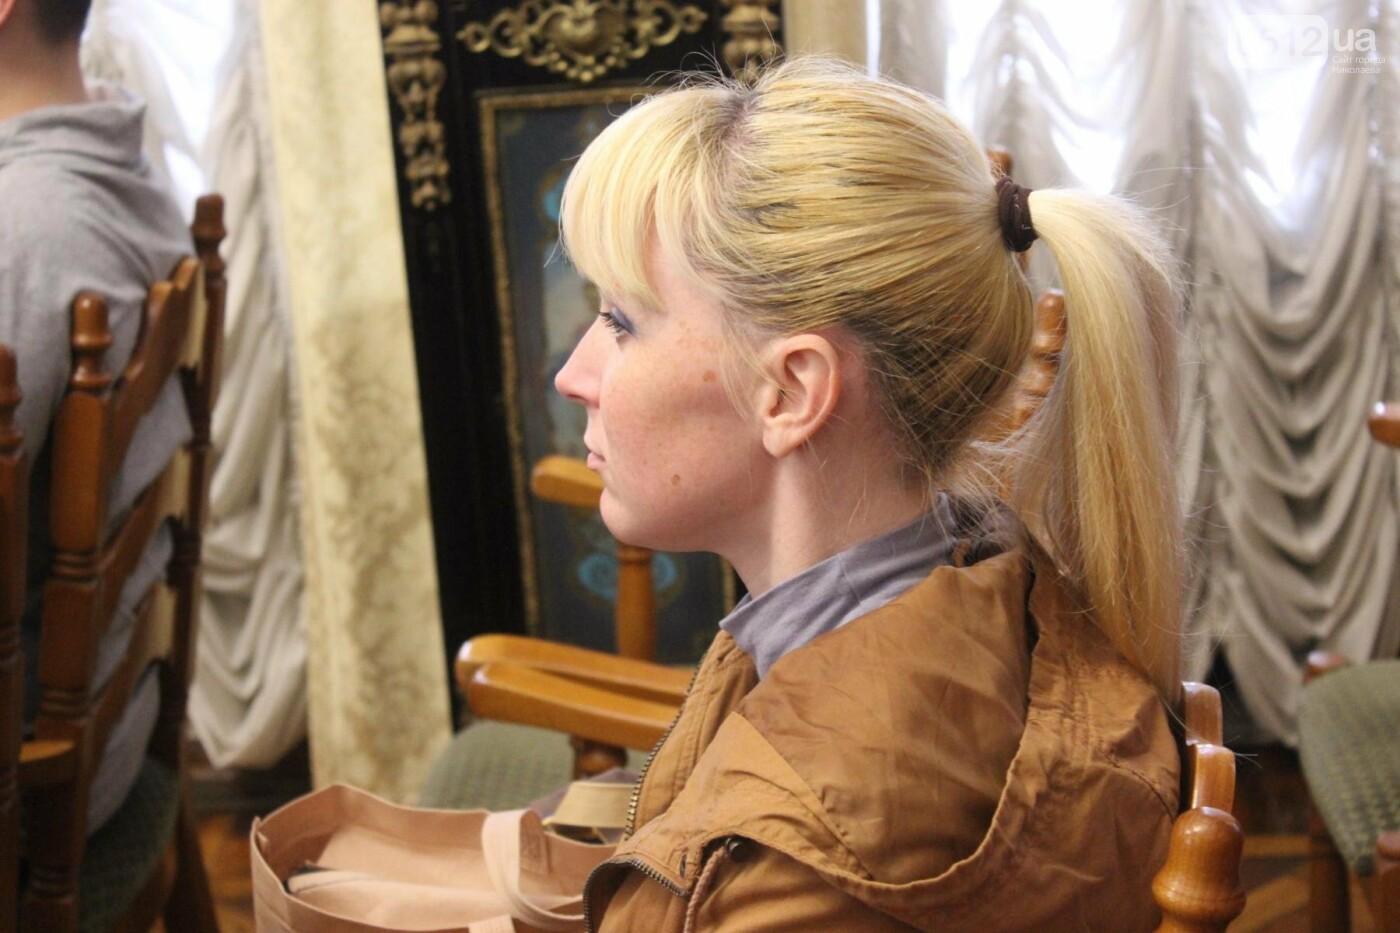 В Николаевском художественном музее рассказали, как подделывать картины, - ФОТО, фото-1